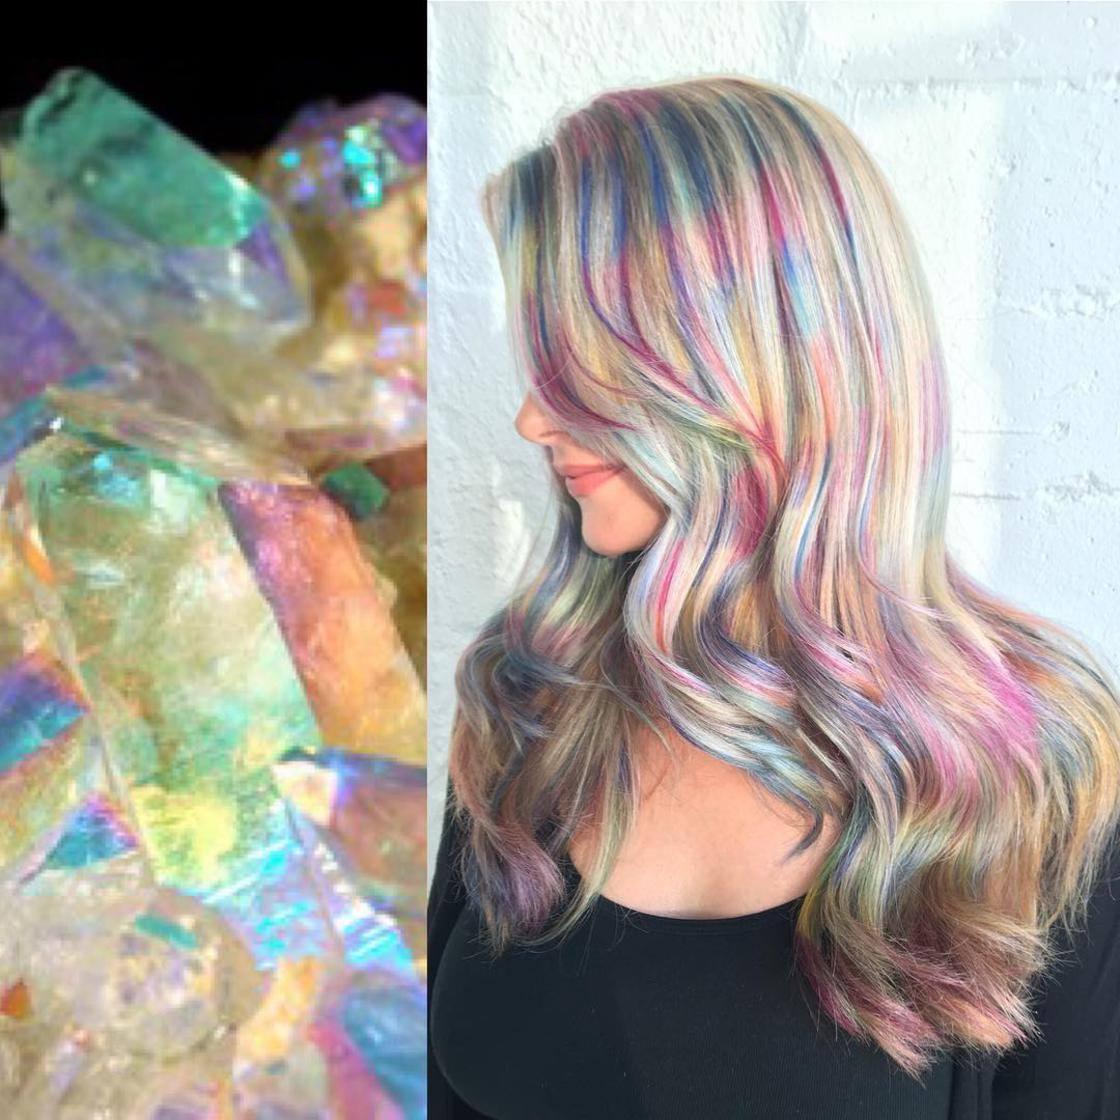 Artista se inspira em imagens fantásticas para mudar a cor do cabelo 6